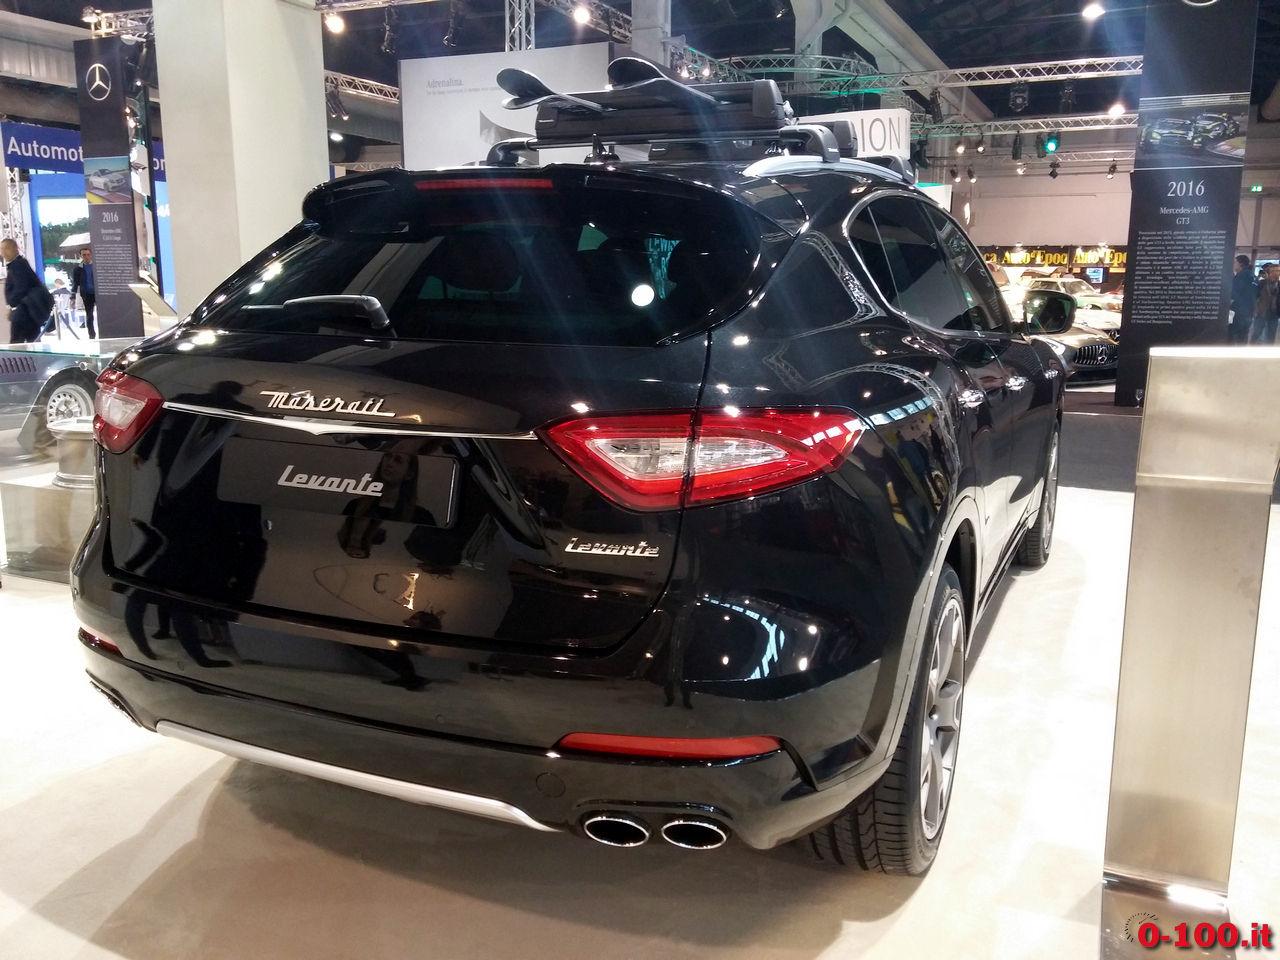 automotodepoca-2016-maserati-levante-car-market-mercato-auto-prezzo-price_0-10010